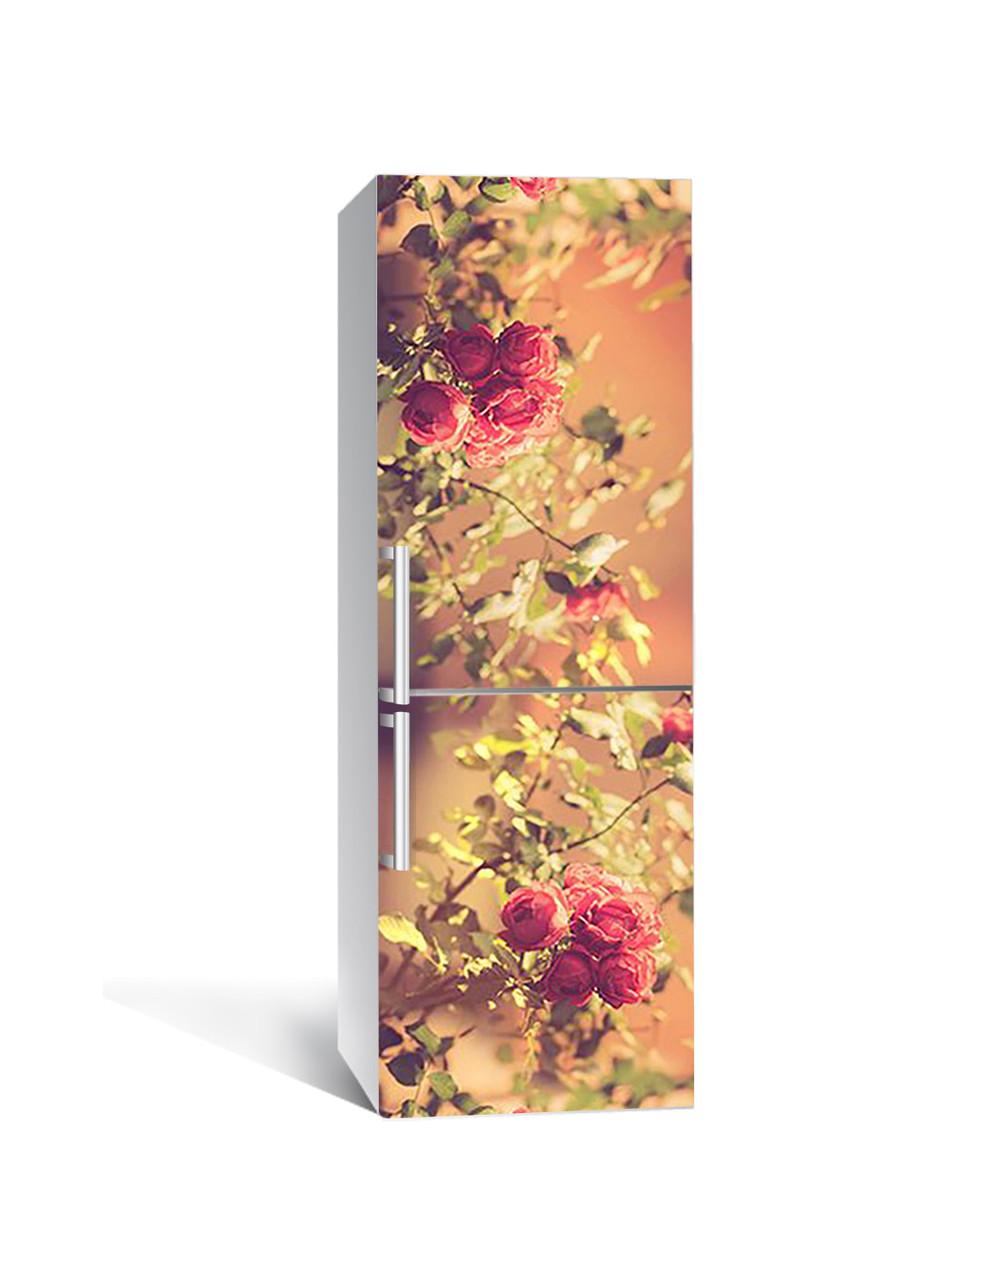 Інтер'єрна наклейка на холодильник Фото Троянди вінілова плівка ламінована ПВХ сепія кущі квіти Бежевий